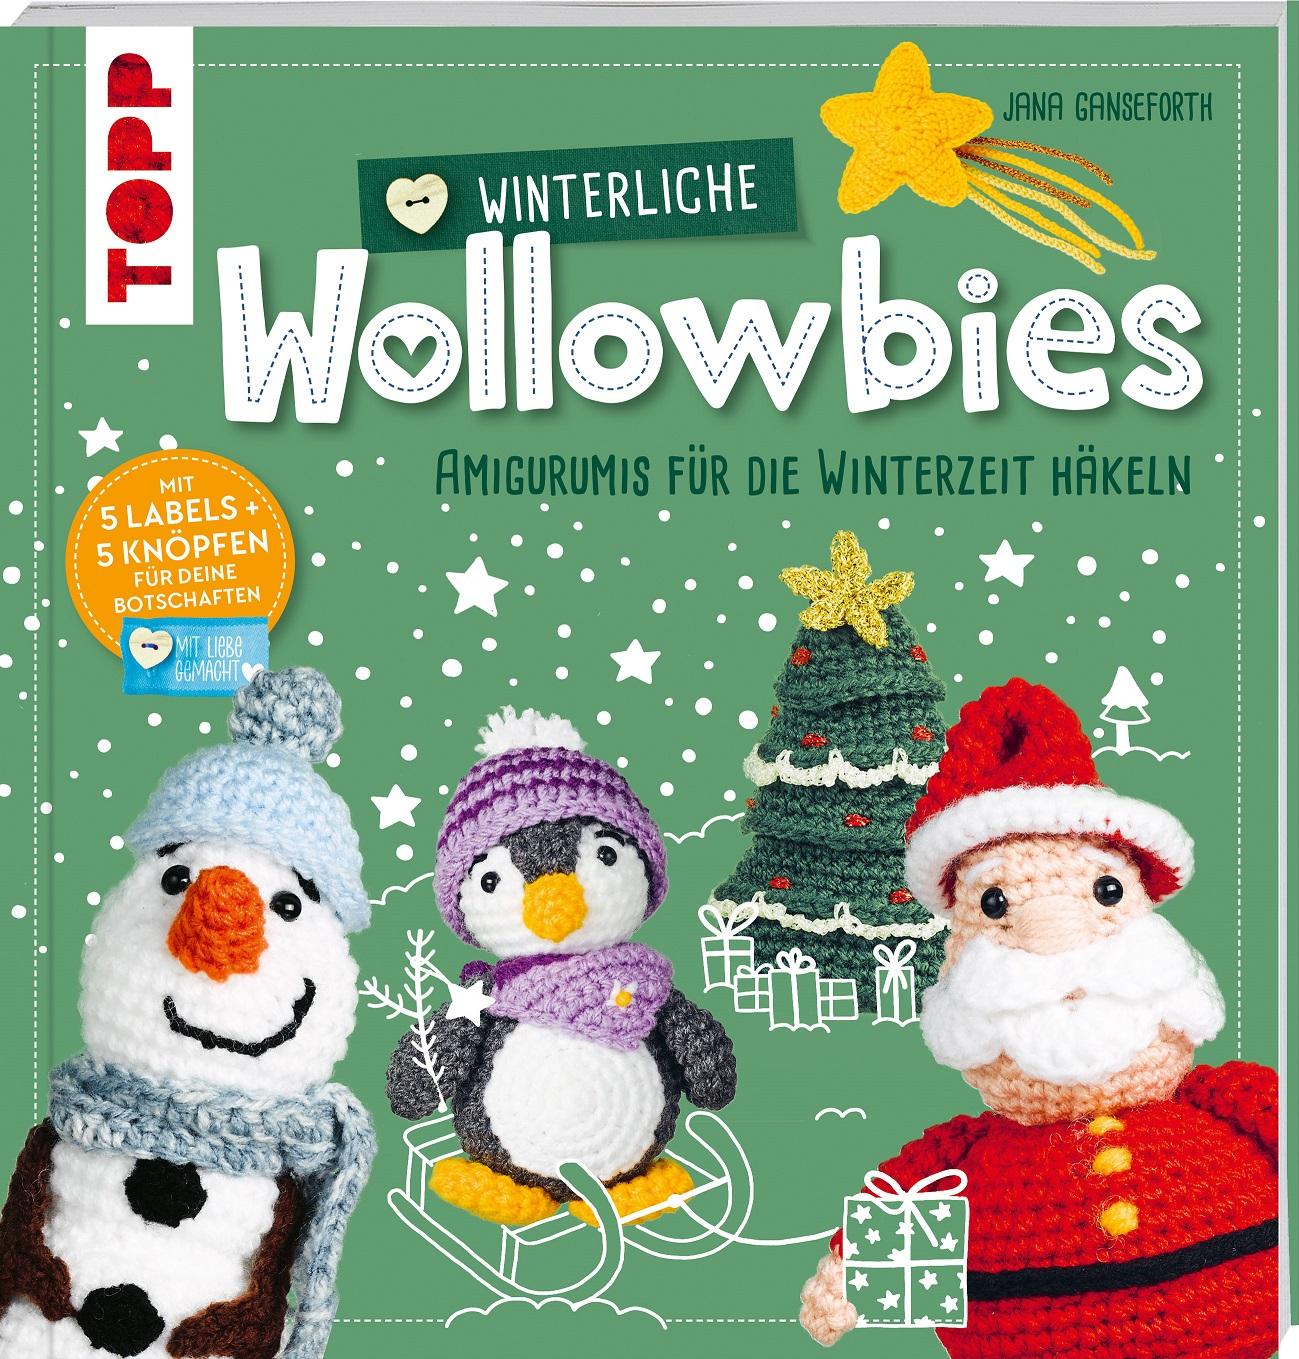 Topp 4874 Winterliche Wollowbies